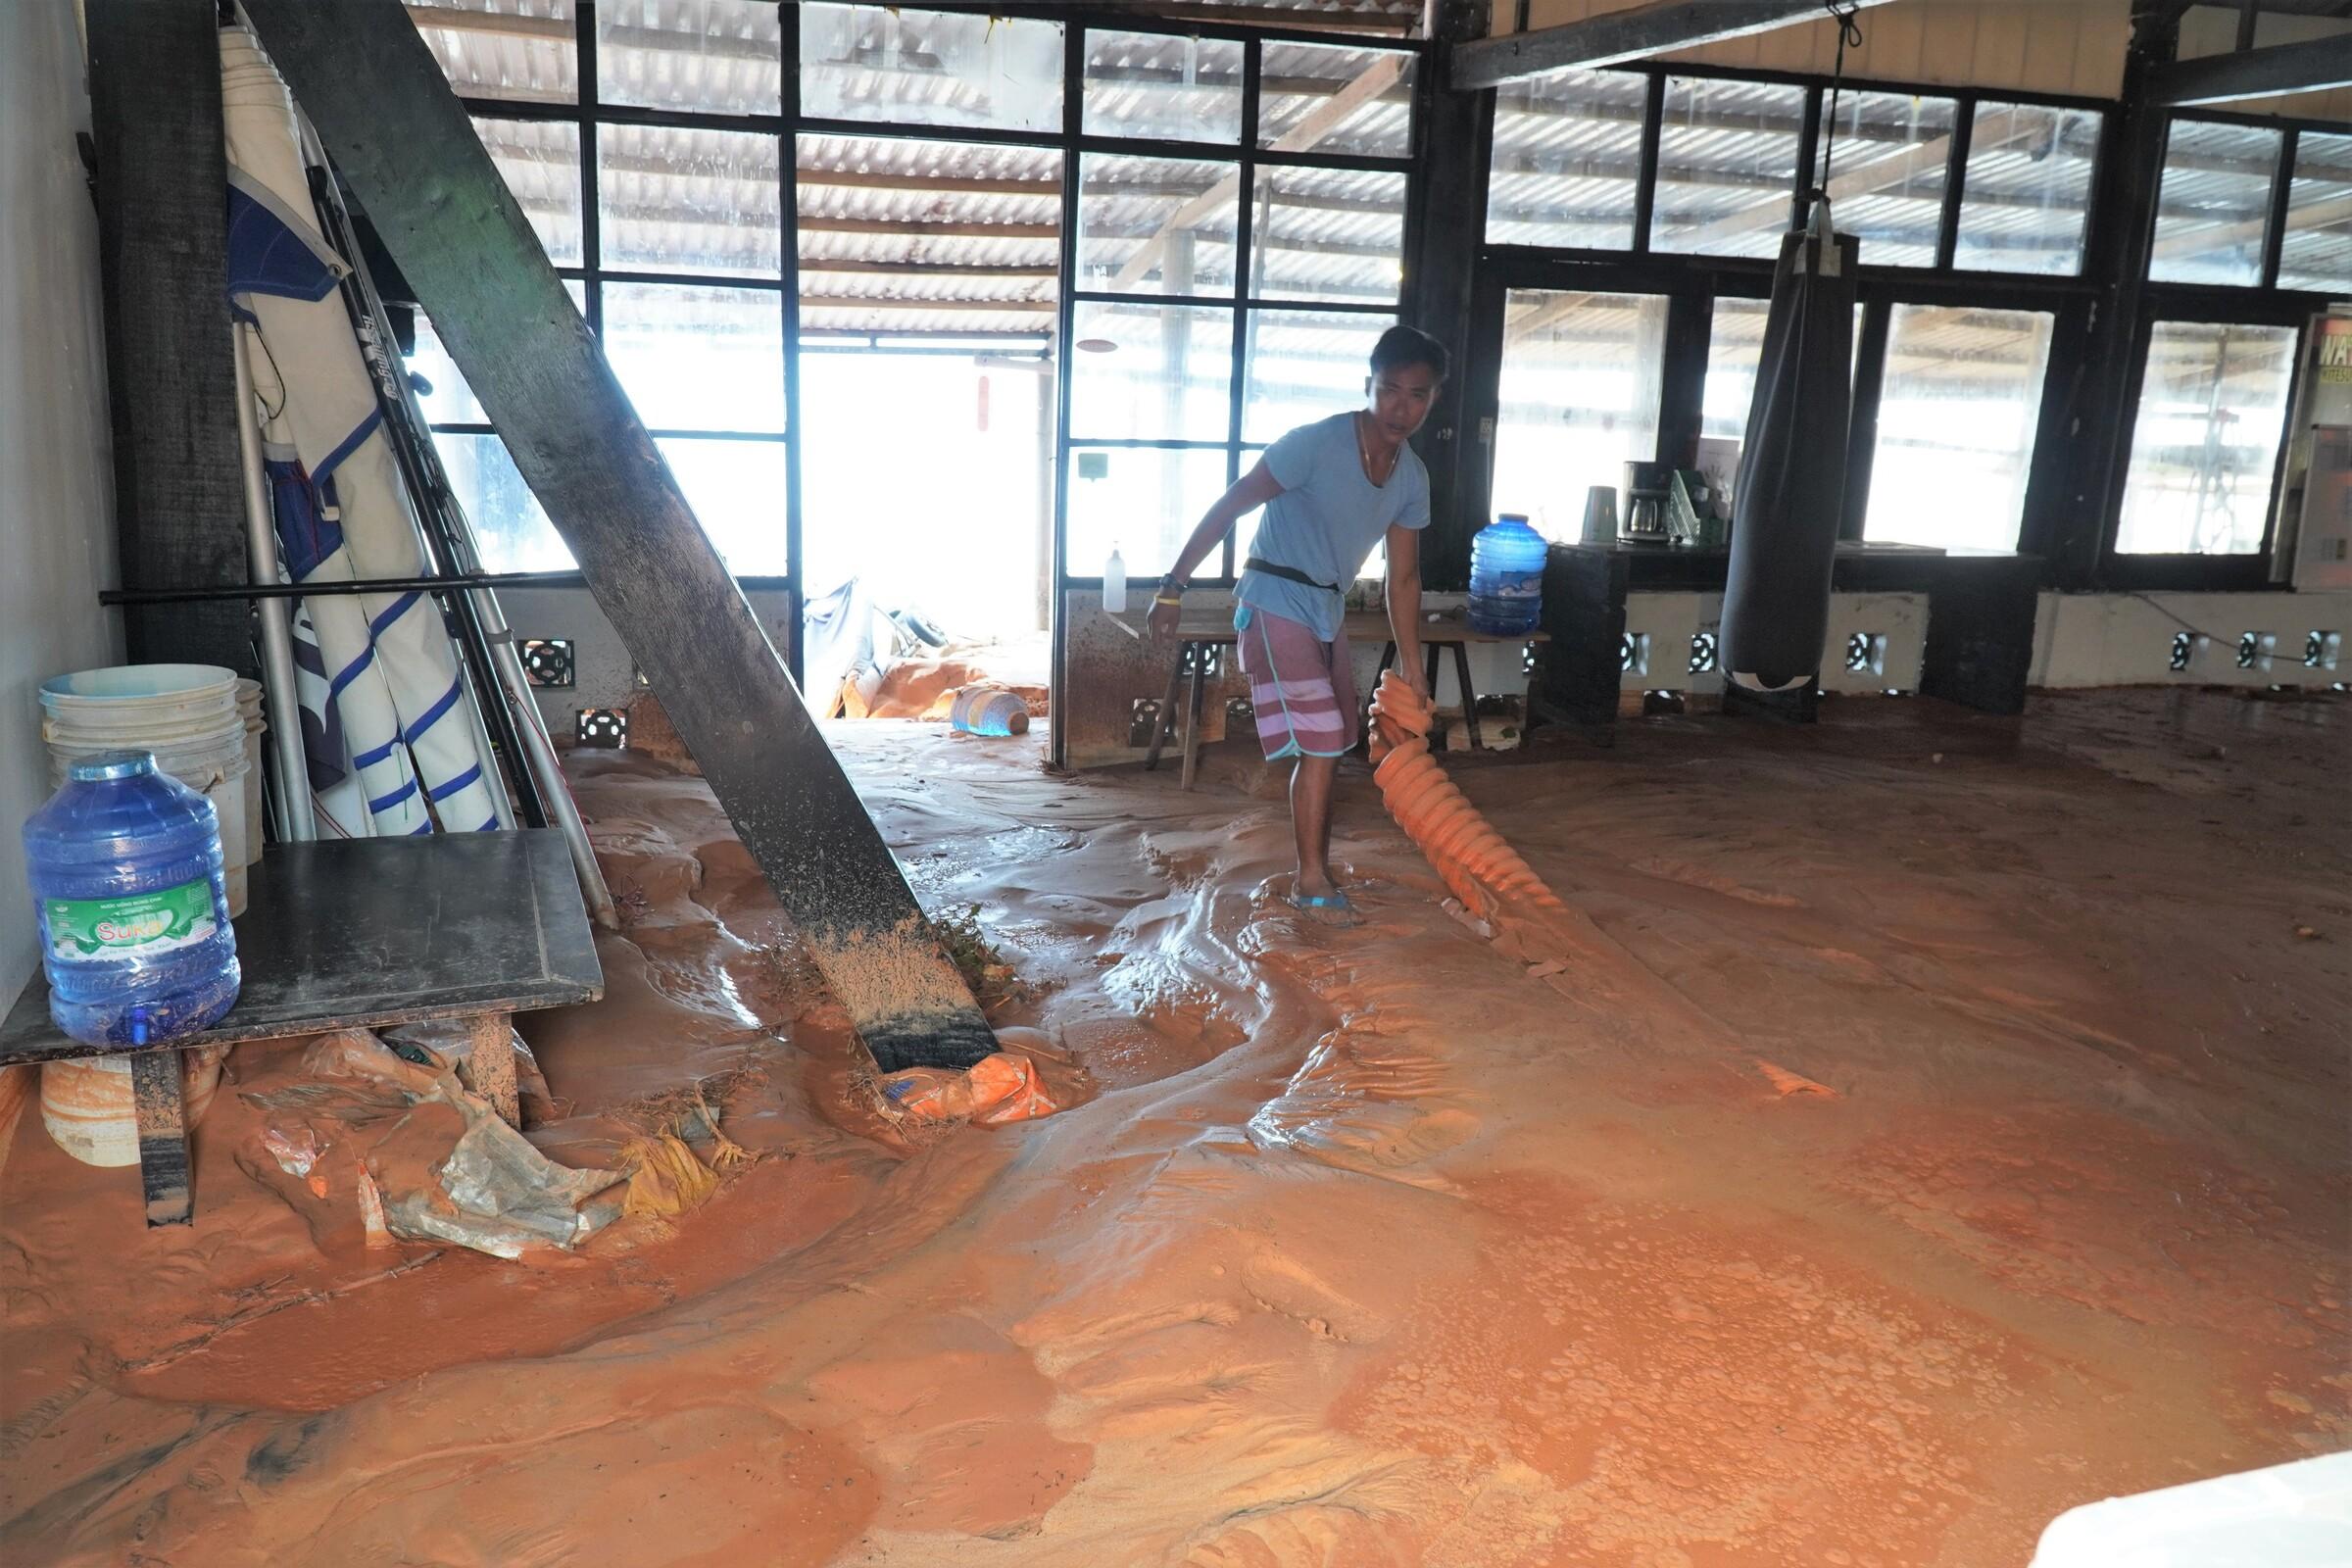 Anh Phụng đang dọn dẹp lại hiện trường do lũ cát tràn vào nhà, sáng 21/4. Ảnh: Việt Quốc.